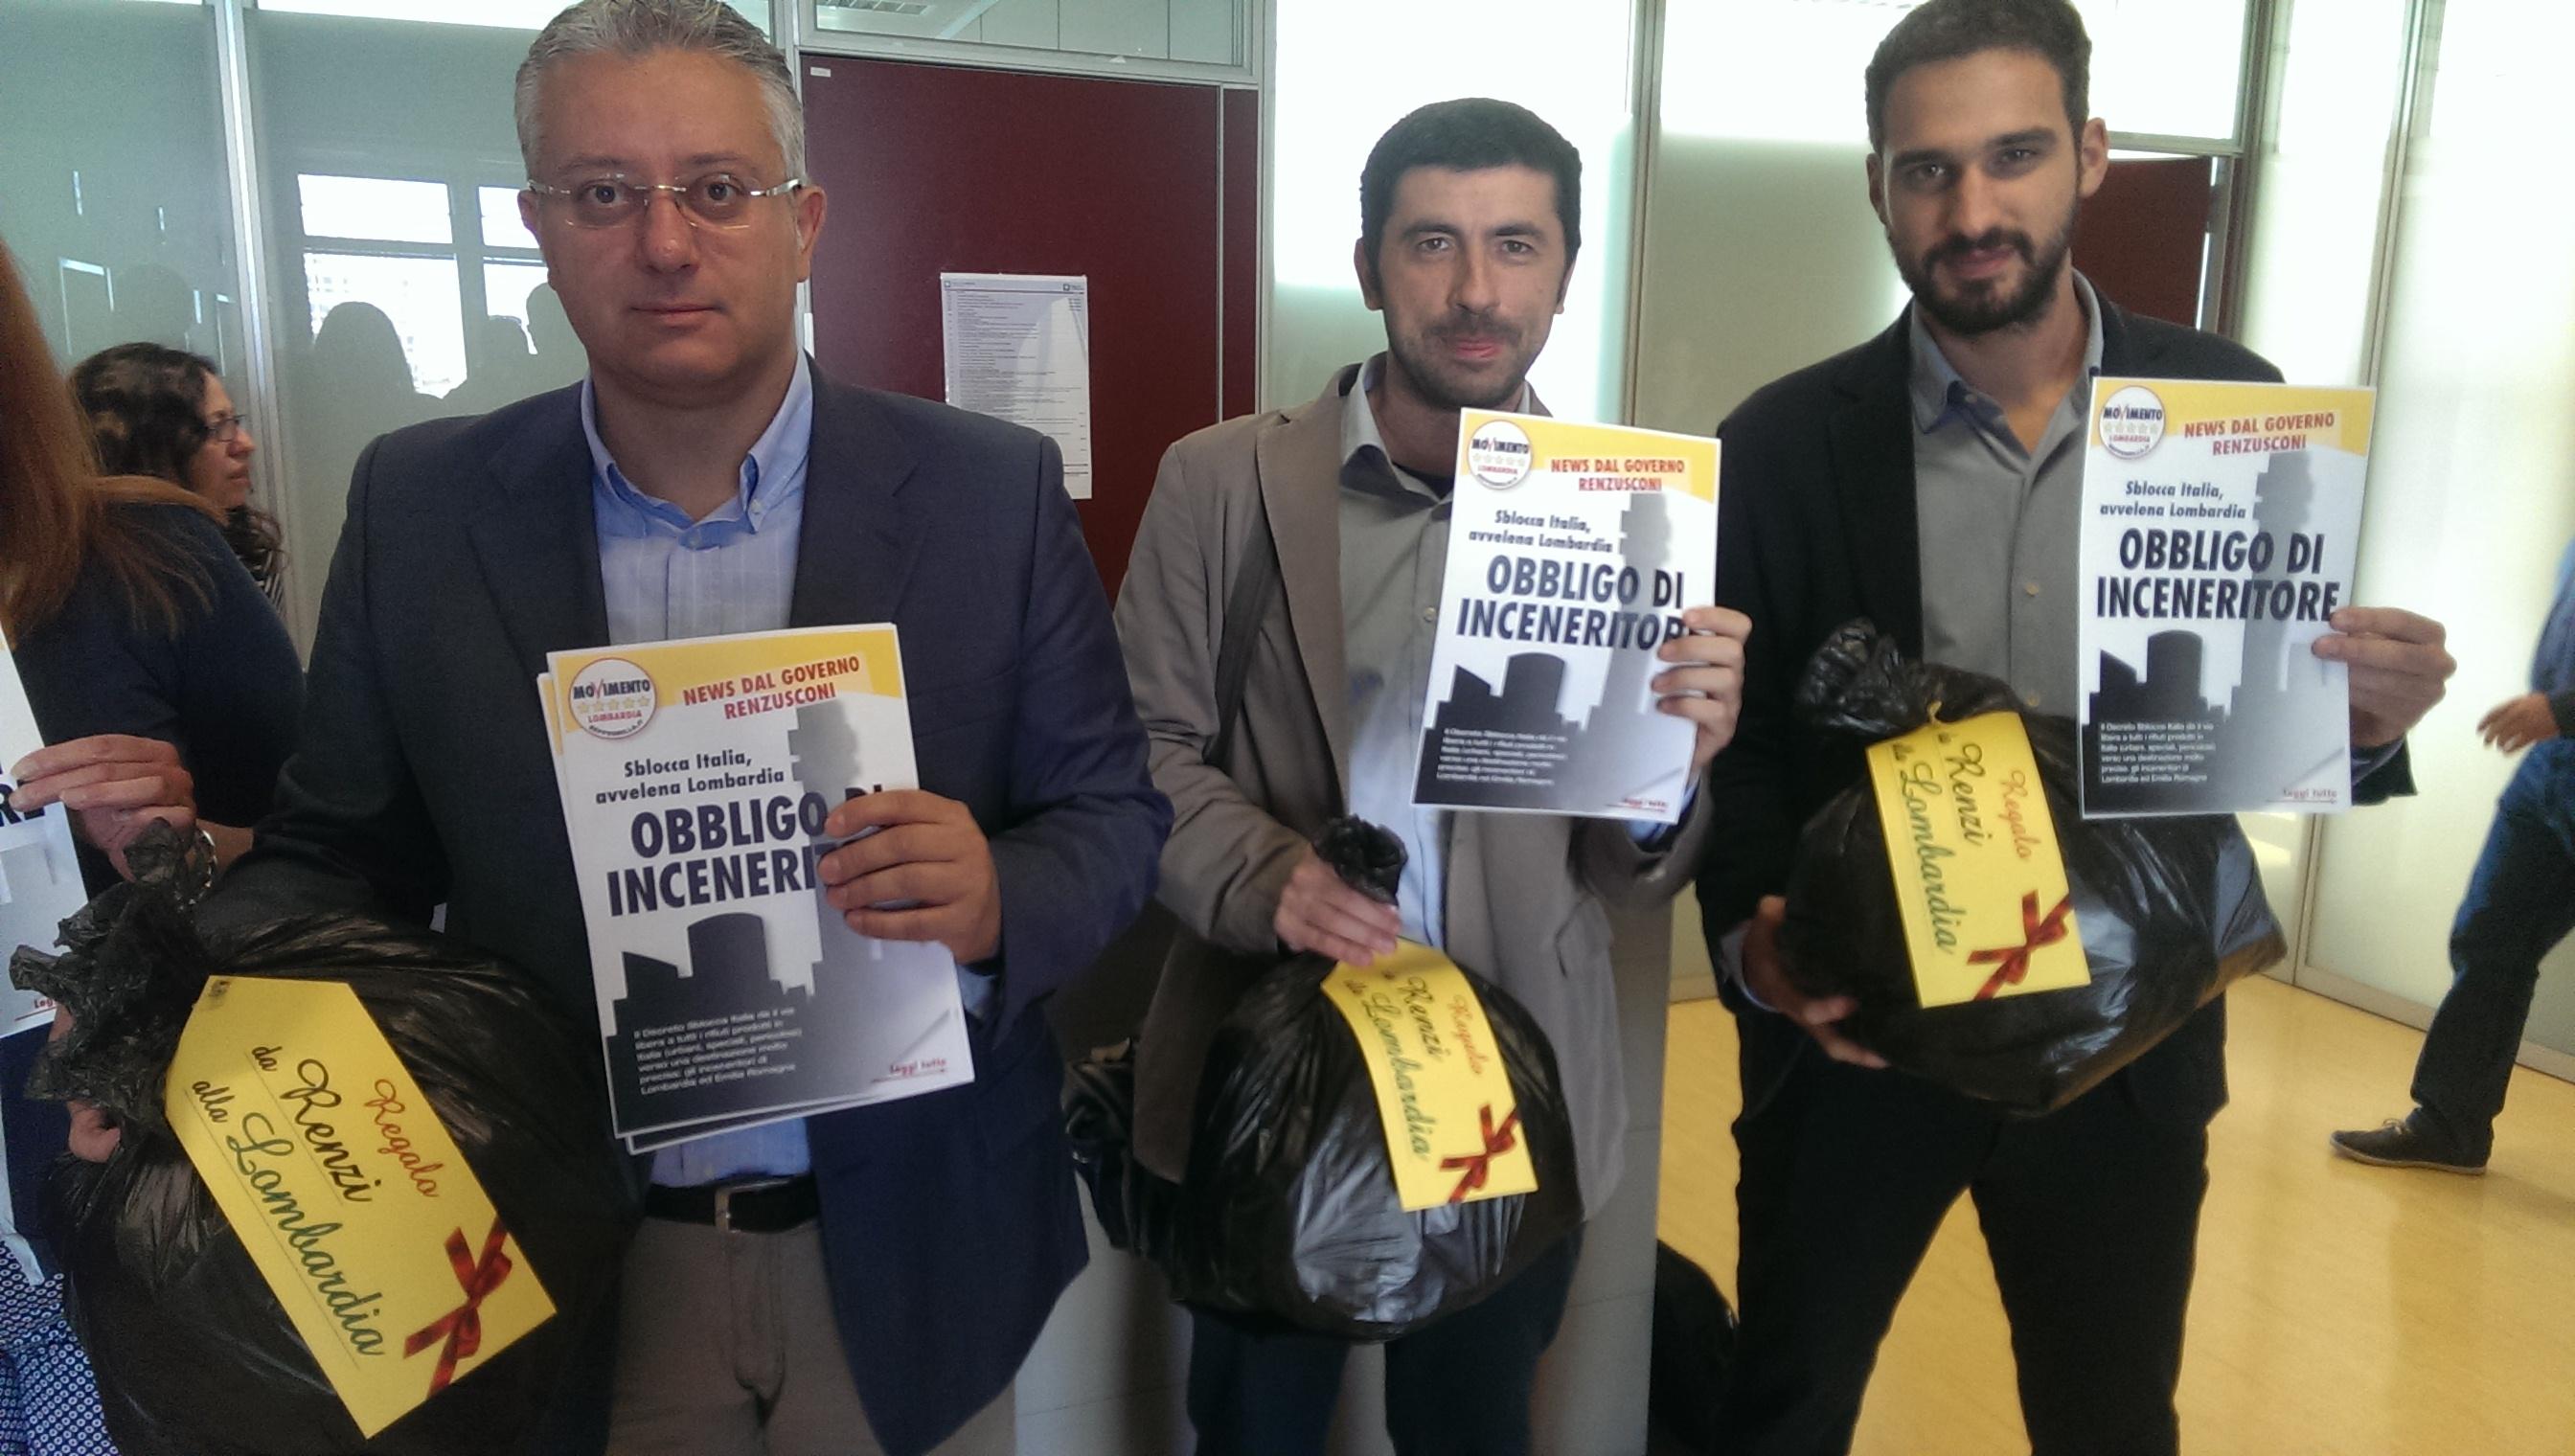 """""""Sblocca Italia"""" e libera gli inceneritori, la protesta di M5S in Lombardia"""